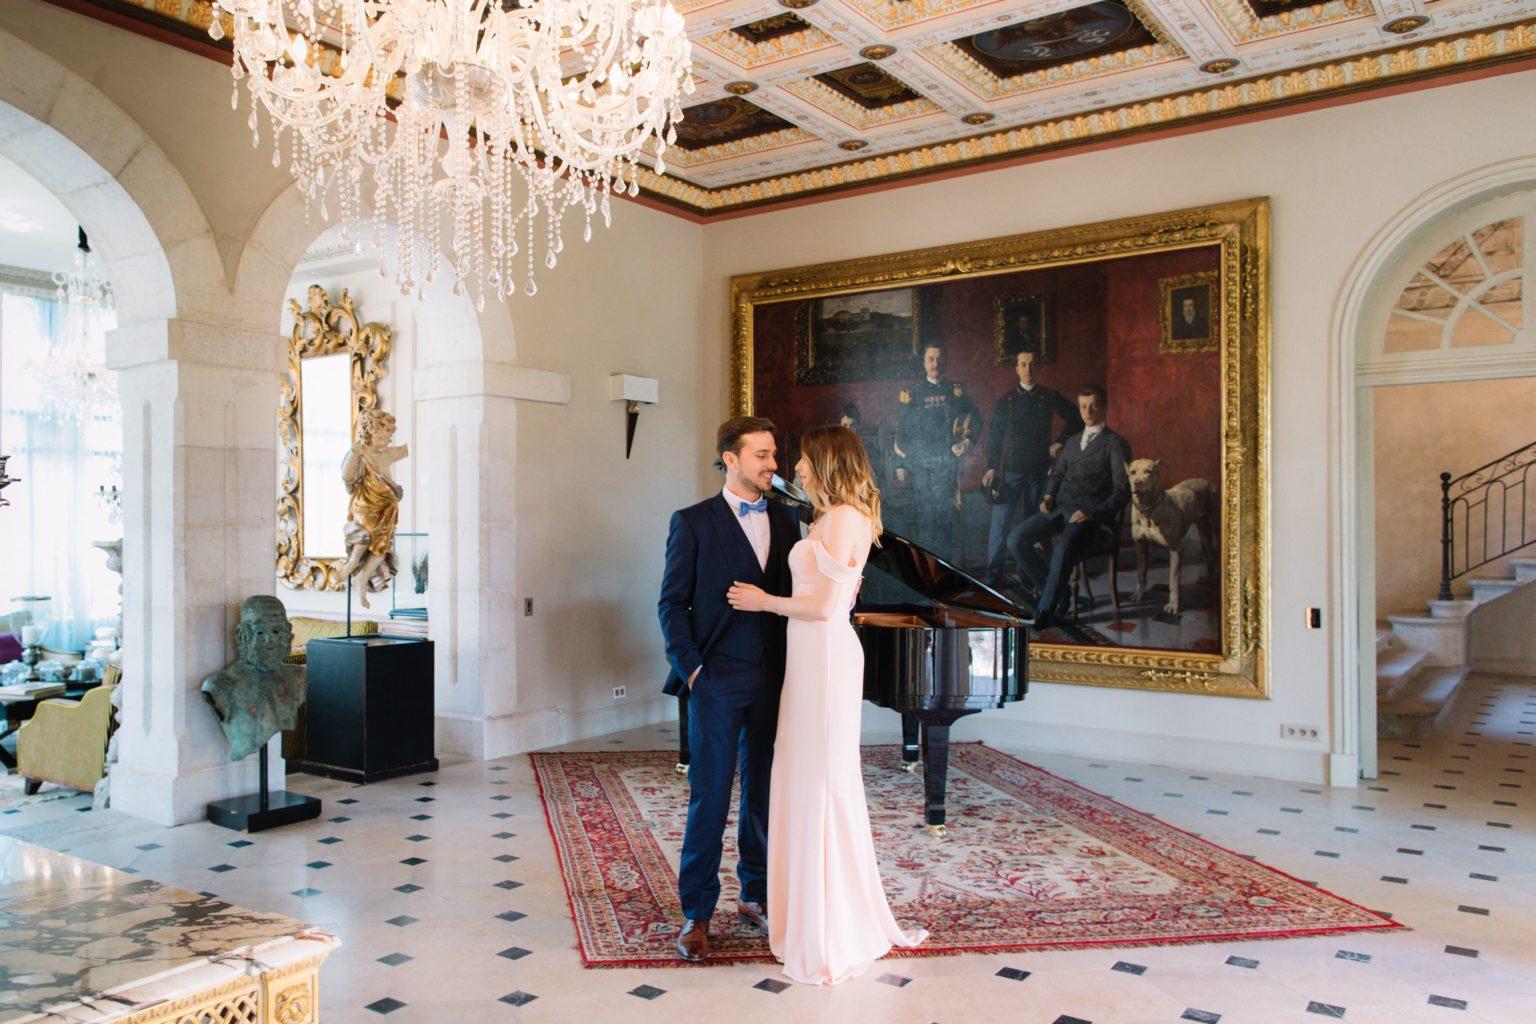 Une vidéo de mariage réalisé au chateau ditter près Nice